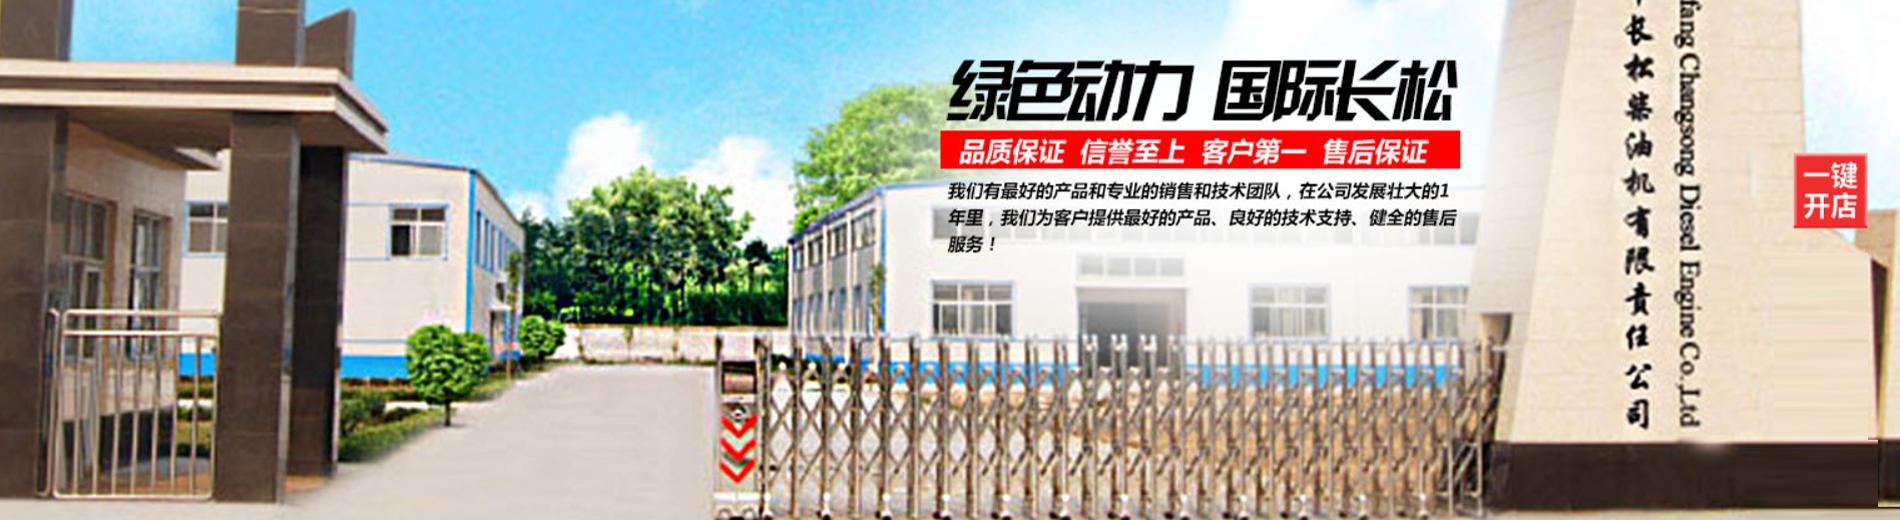 manbetx网页登录入口ManBetx手机网页版专业生产厂家